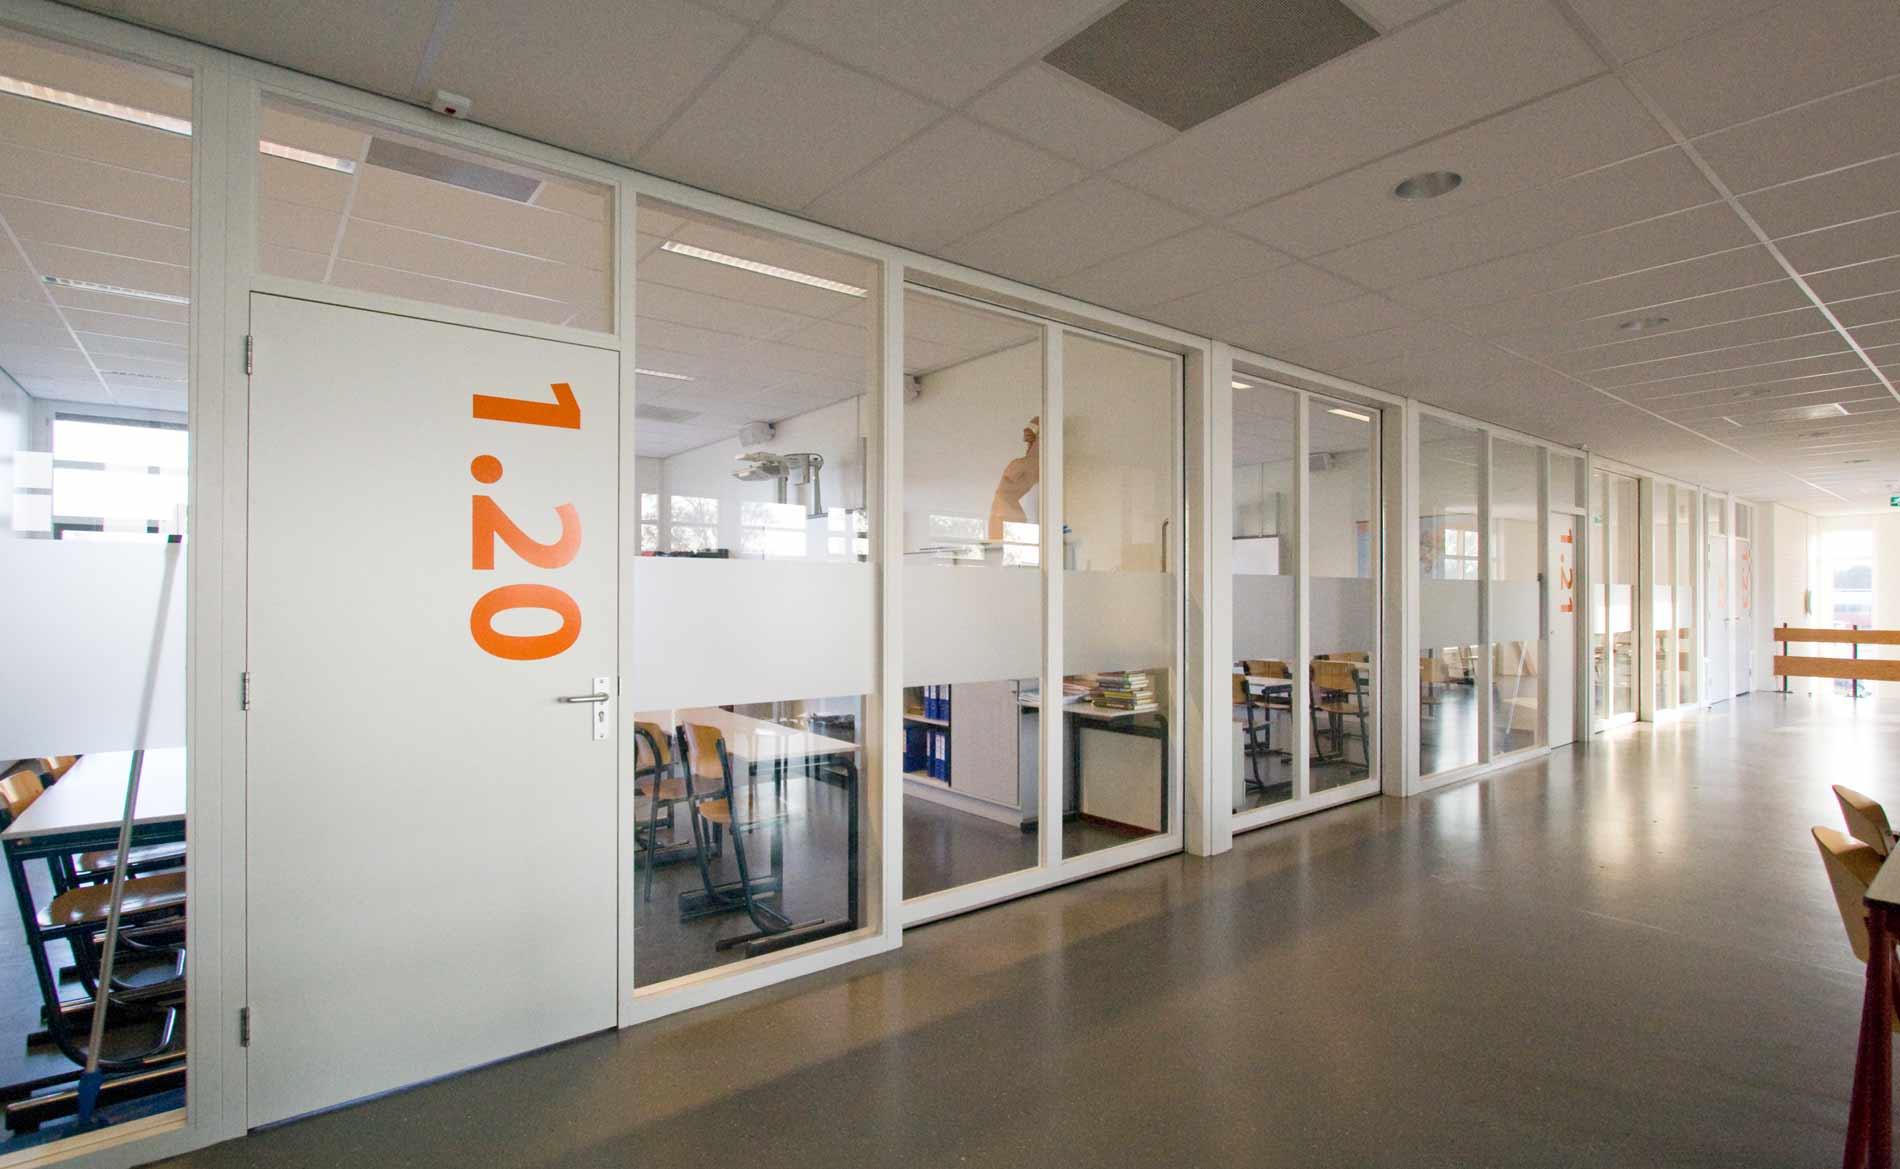 architect scholen praktijkschool renovatie De Viaan Alkmaar BBHD architecten